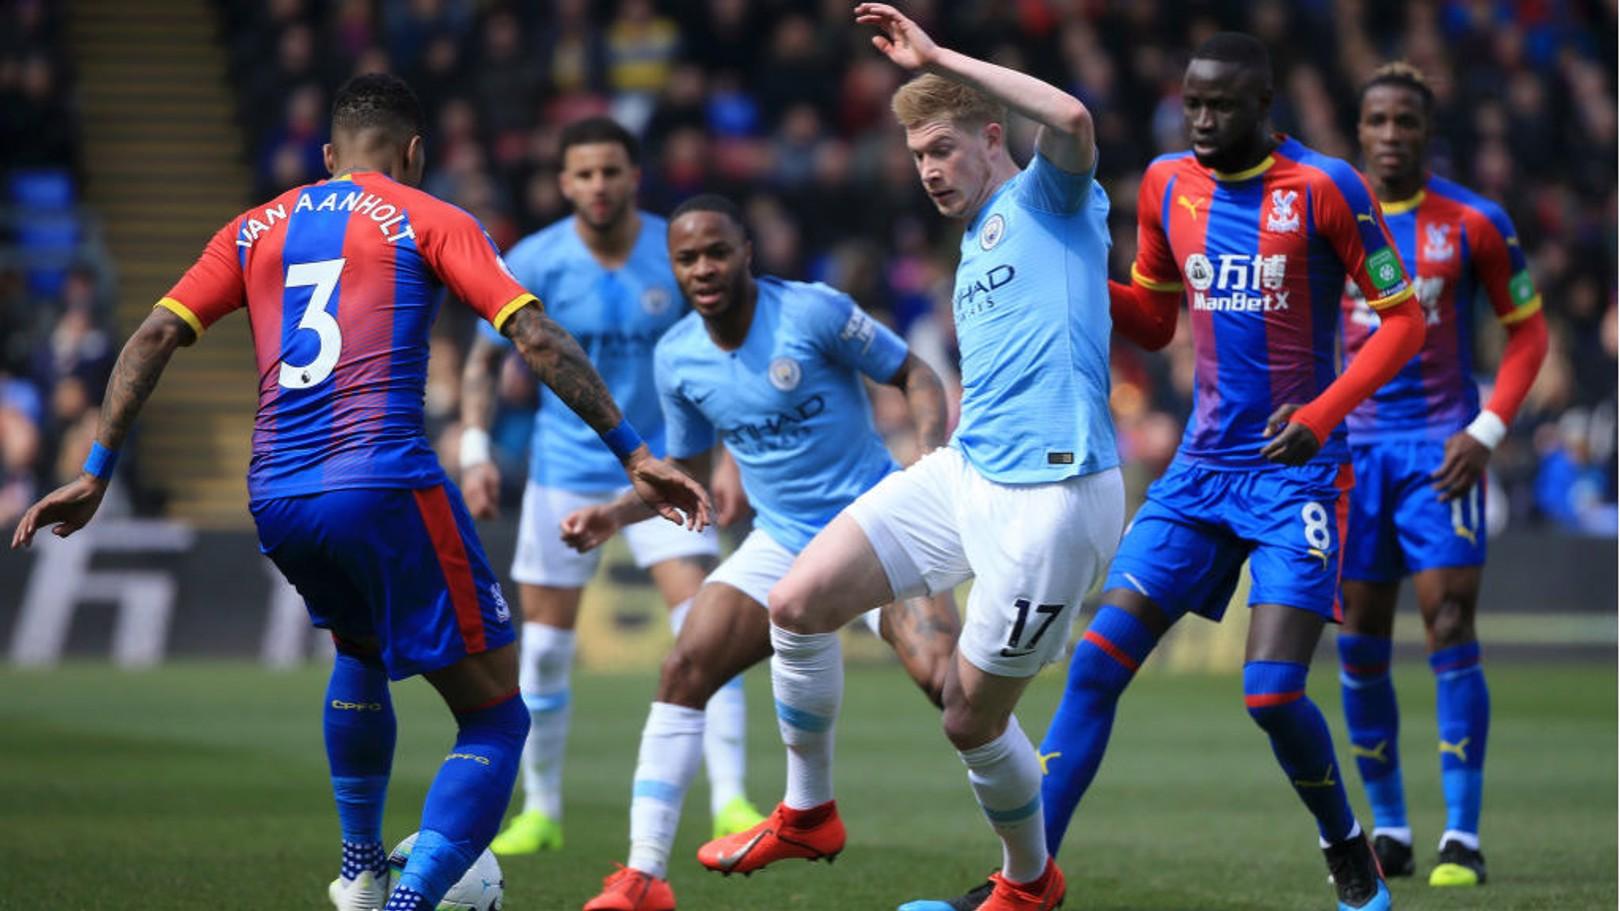 Crystal Palace v City: Ticket information